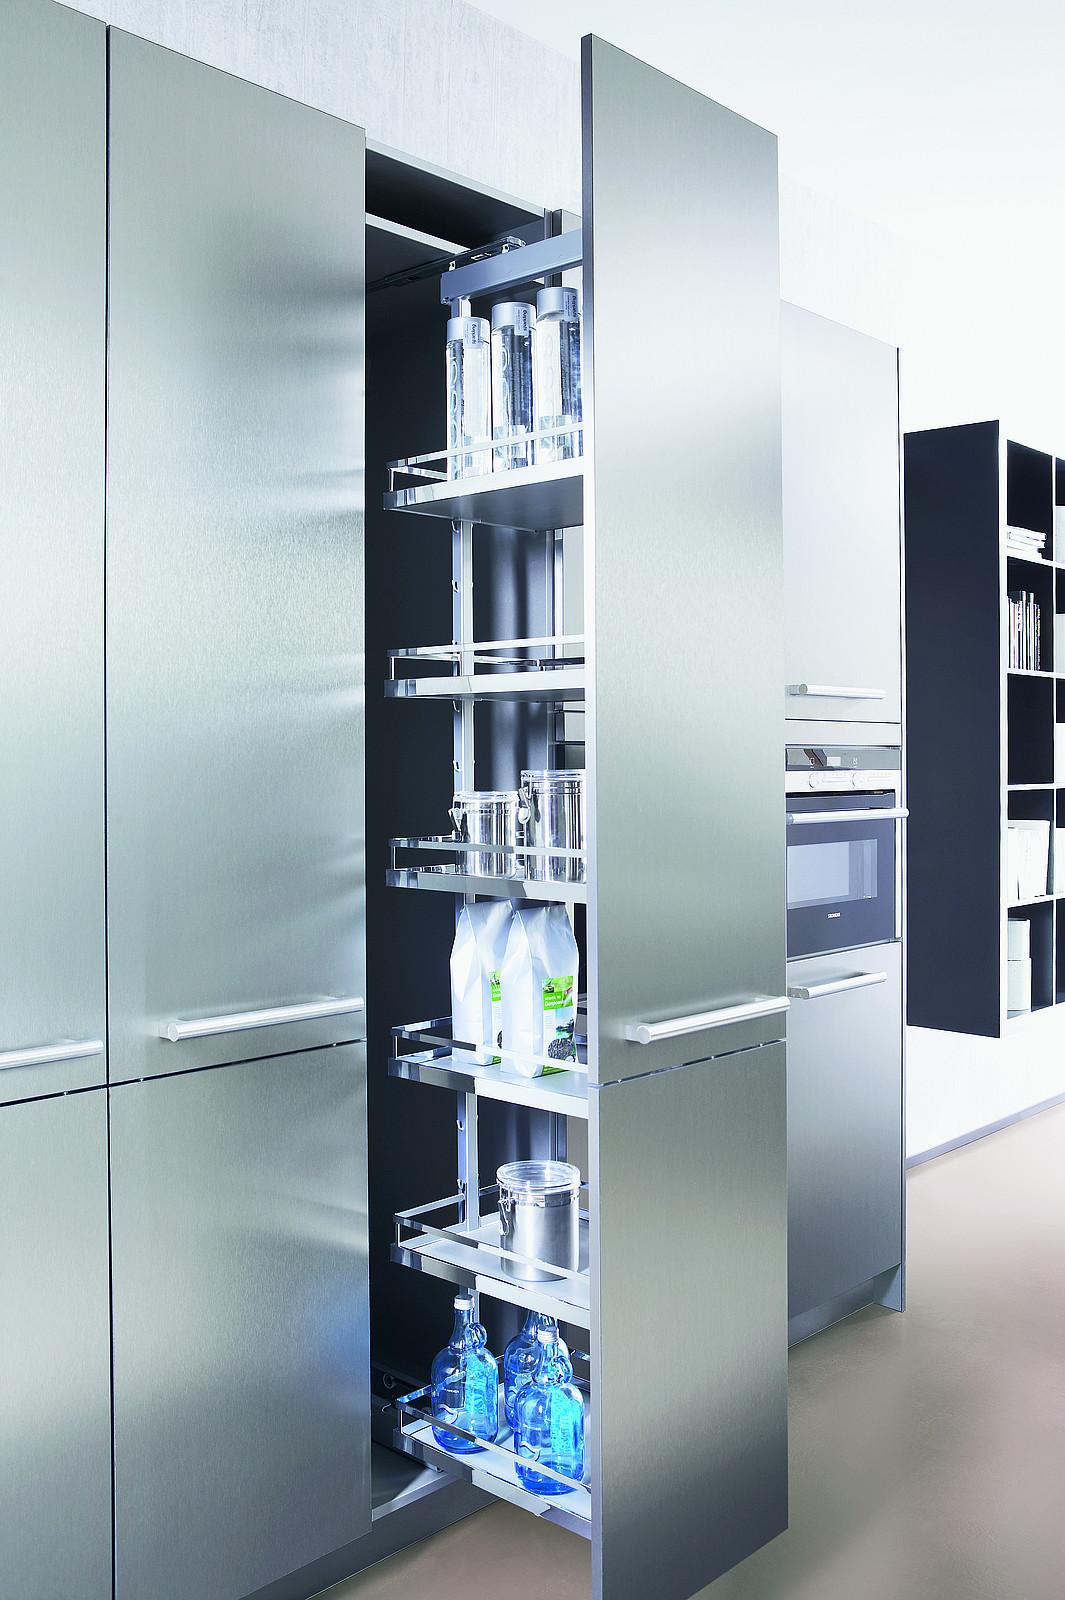 Full Size of Küchenblende Materialien In Der Kche Welche Oberflchen Sind Geeignet Wohnzimmer Küchenblende